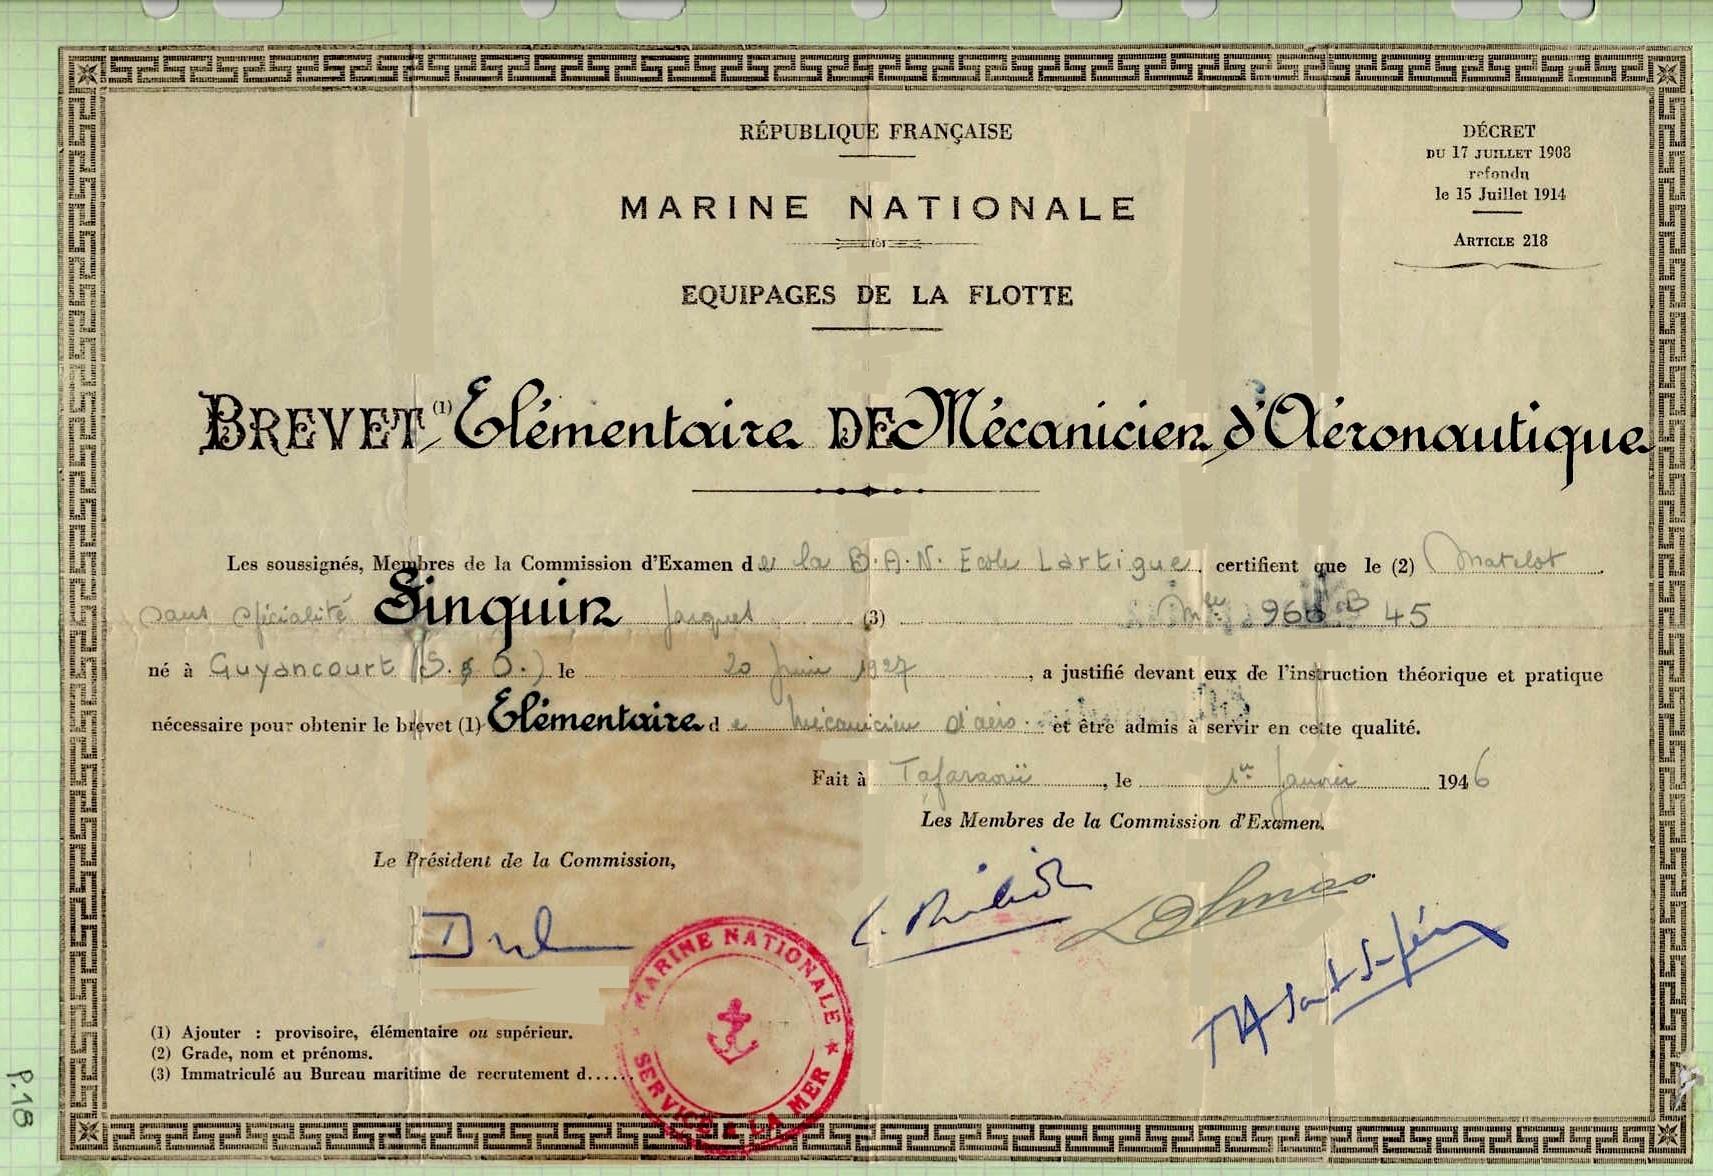 [ Aéronavale divers ] Les Mémoires de Jacques Sinquin Ap_1811